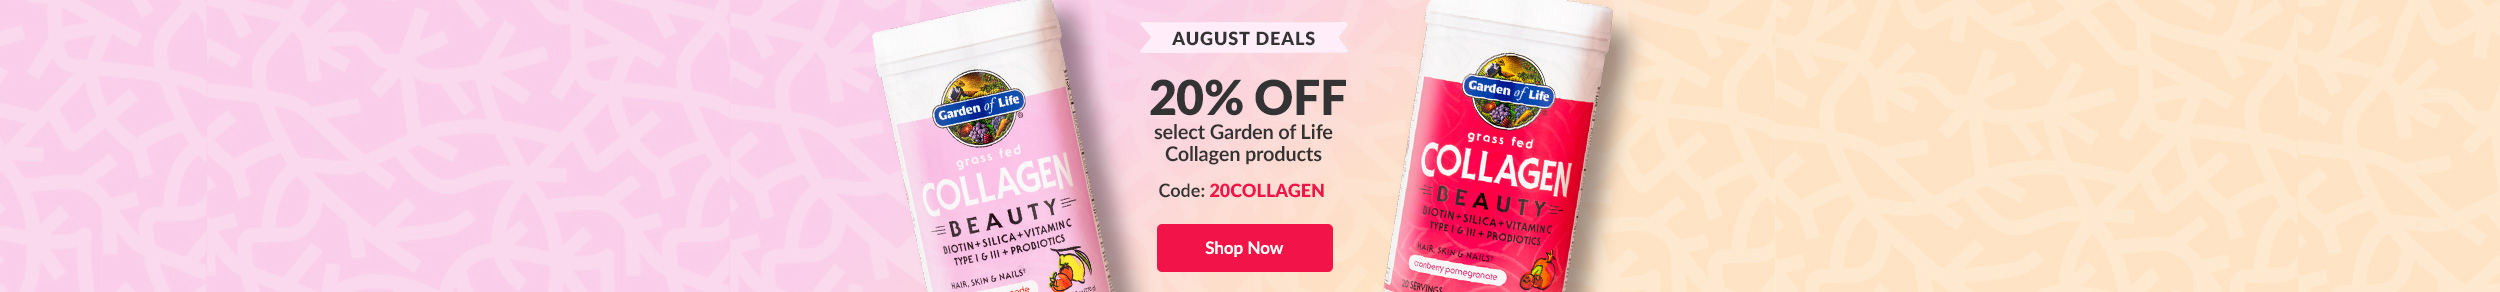 https://i3.pureformulas.net/images/static/Garden_of_Life_Beauty_Store_080119.jpg